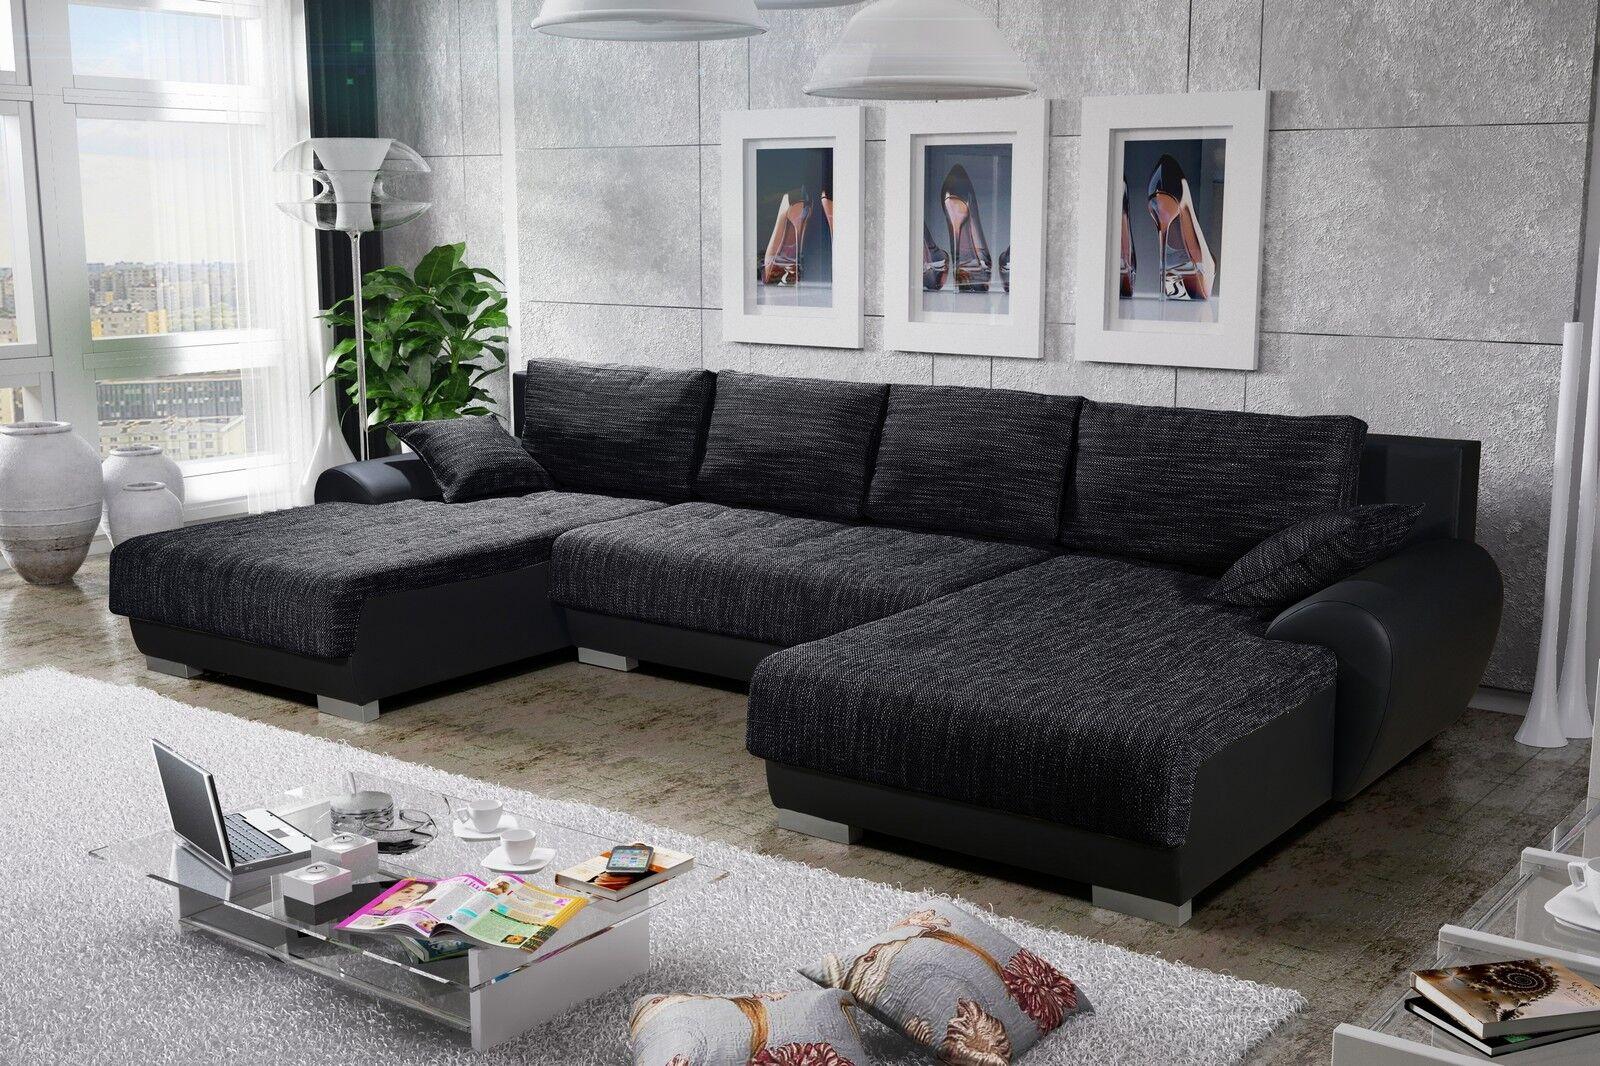 Wohnlandschaft mit schlaffunktion  Sofa Couchgarnitur Couch LEON 3 U Polsterecke Wohnlandschaft mit ...